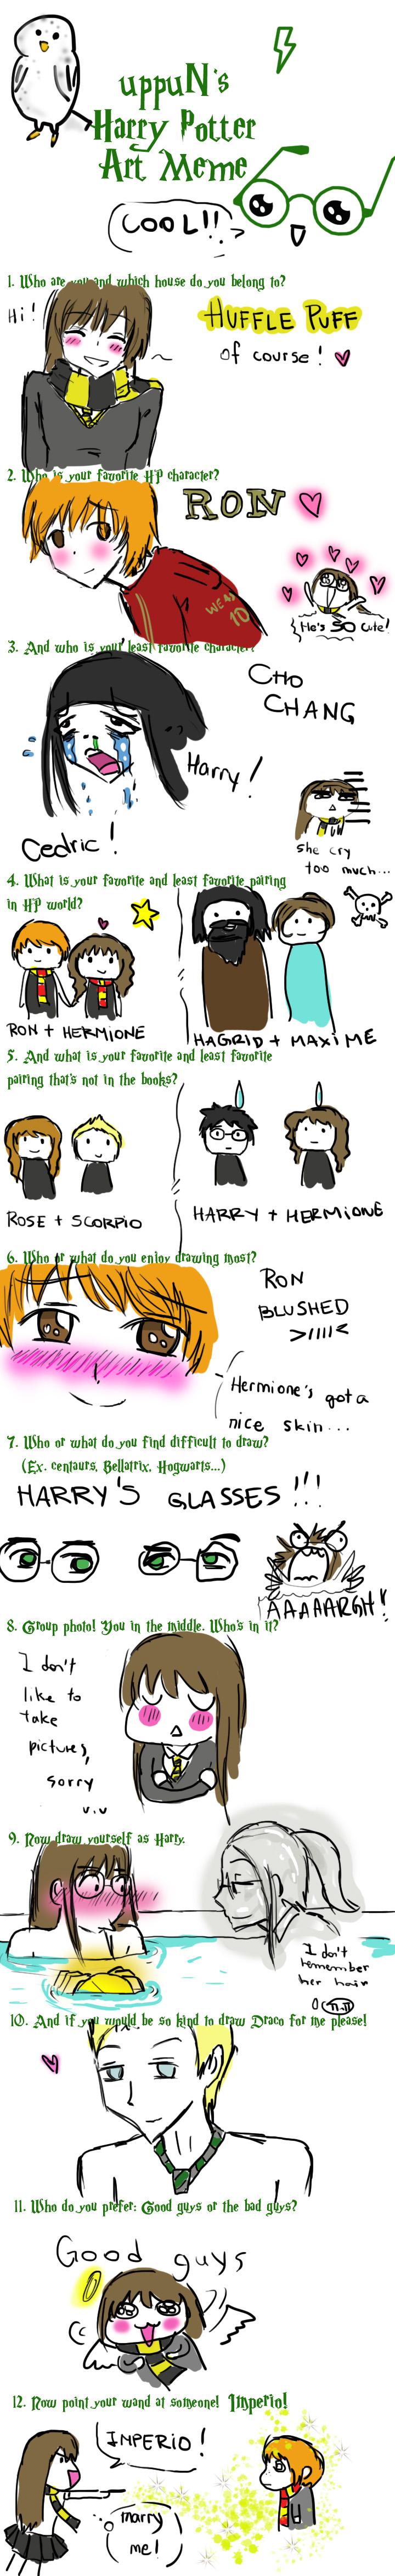 Harry Potter Meme by FuyuNeko0